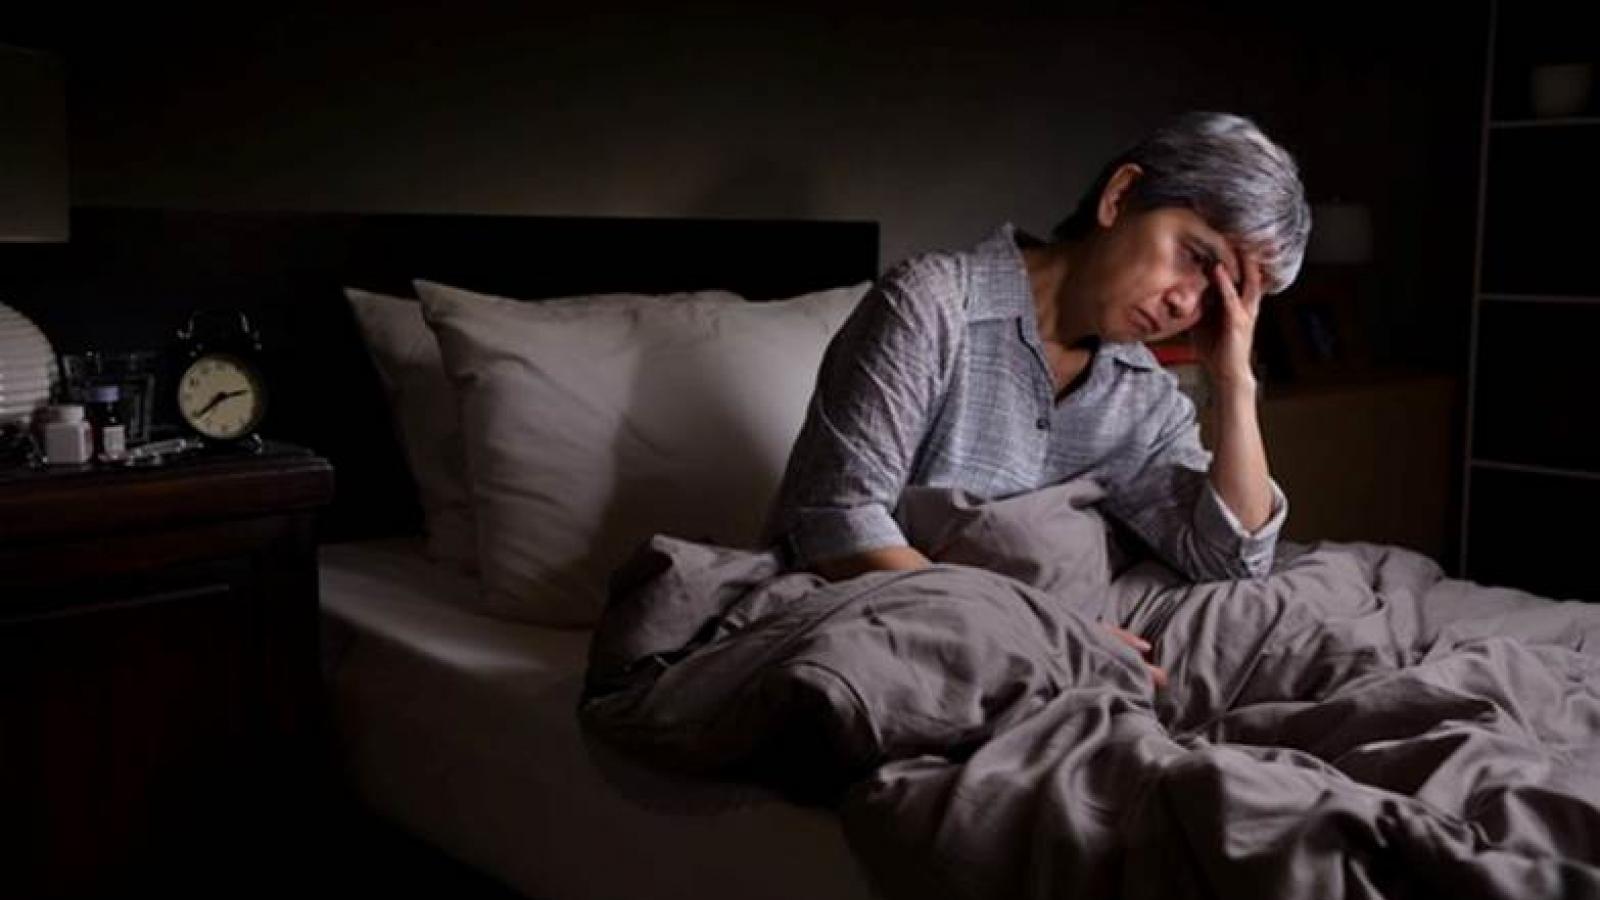 Khổ sở vì mất ngủ đêm, người trên 50 tuổi dùng ngay thảo dược này để tìm lại giấc ngủ